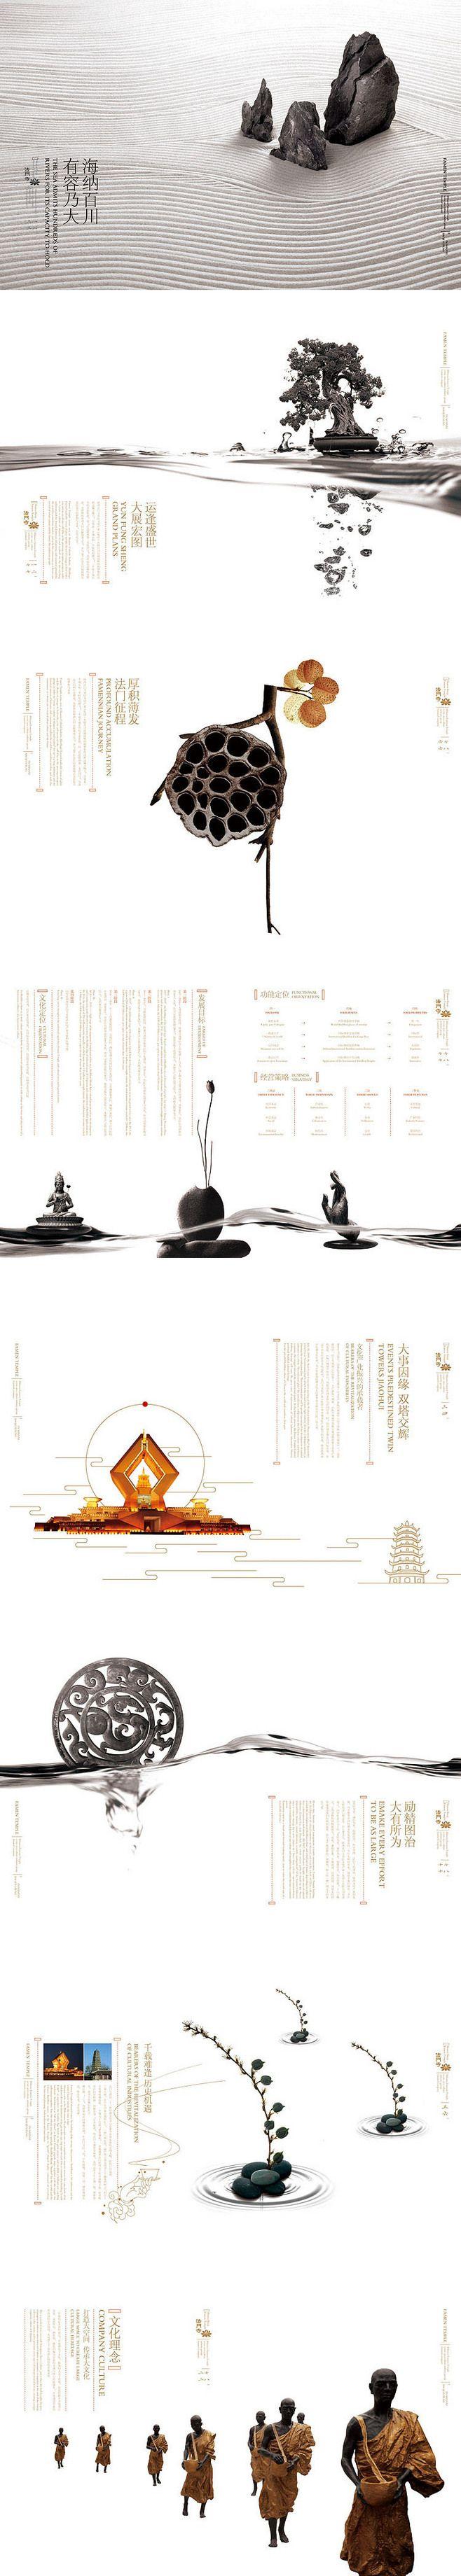 画册版式 http://zhan.ren...@T2RKG采集到品牌/版式(395图)_花瓣平面设计